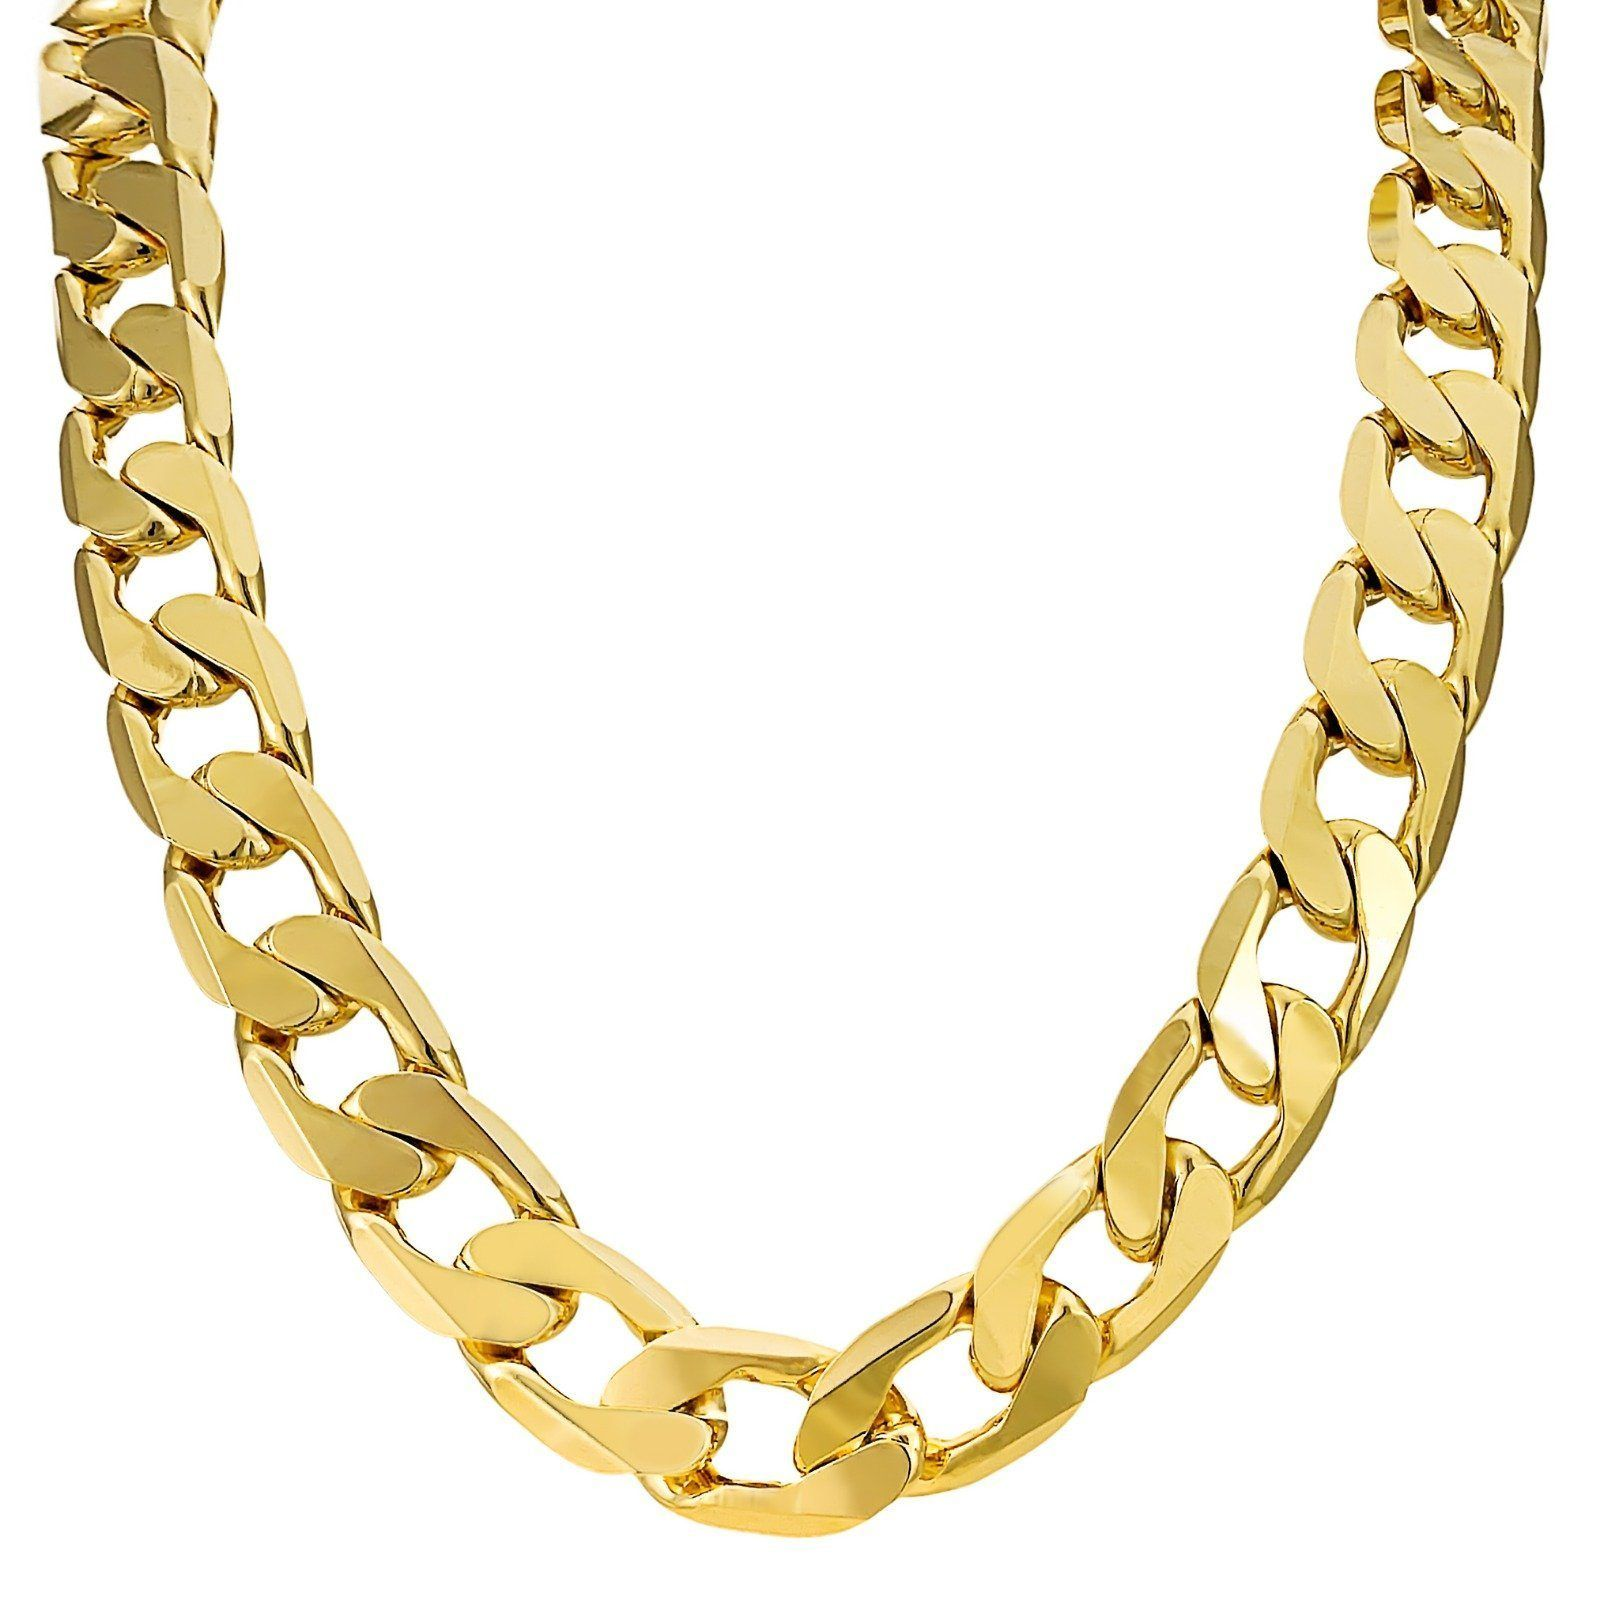 039c728c836 18K Gold Plated 13mm Cuban Chain (Anti Tarnish Technology ...